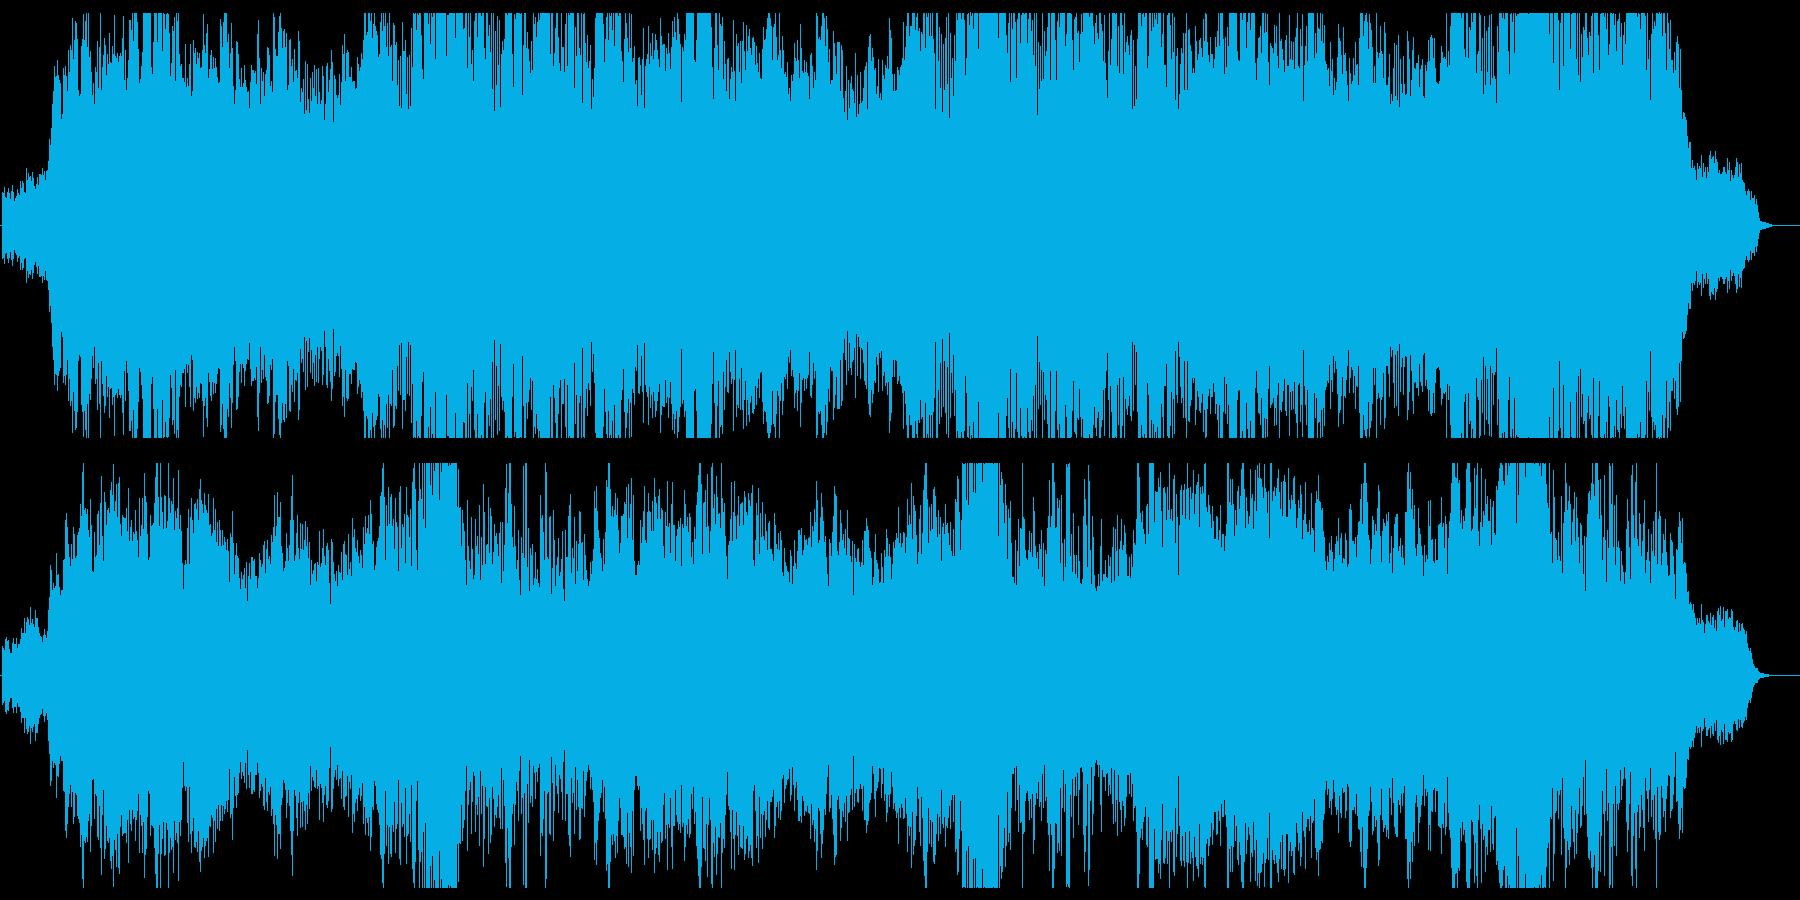 静かで安らぐヒーリングミュージックの再生済みの波形